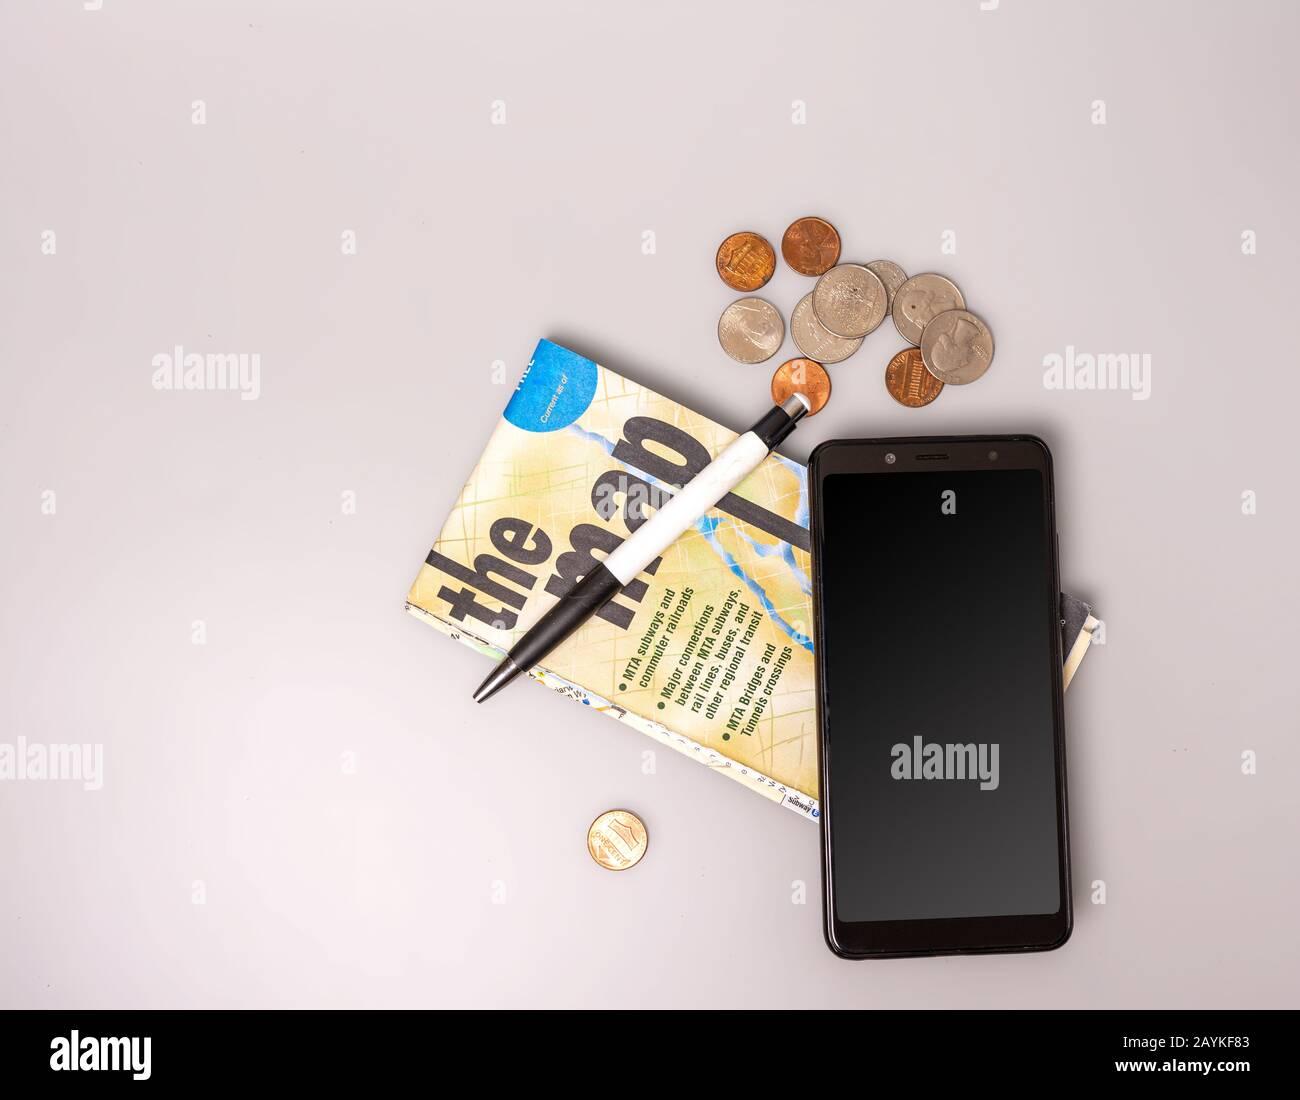 Téléphone, argent, stylo et carte pliée sur fond gris. Vue de dessus. Gros plan. Banque D'Images